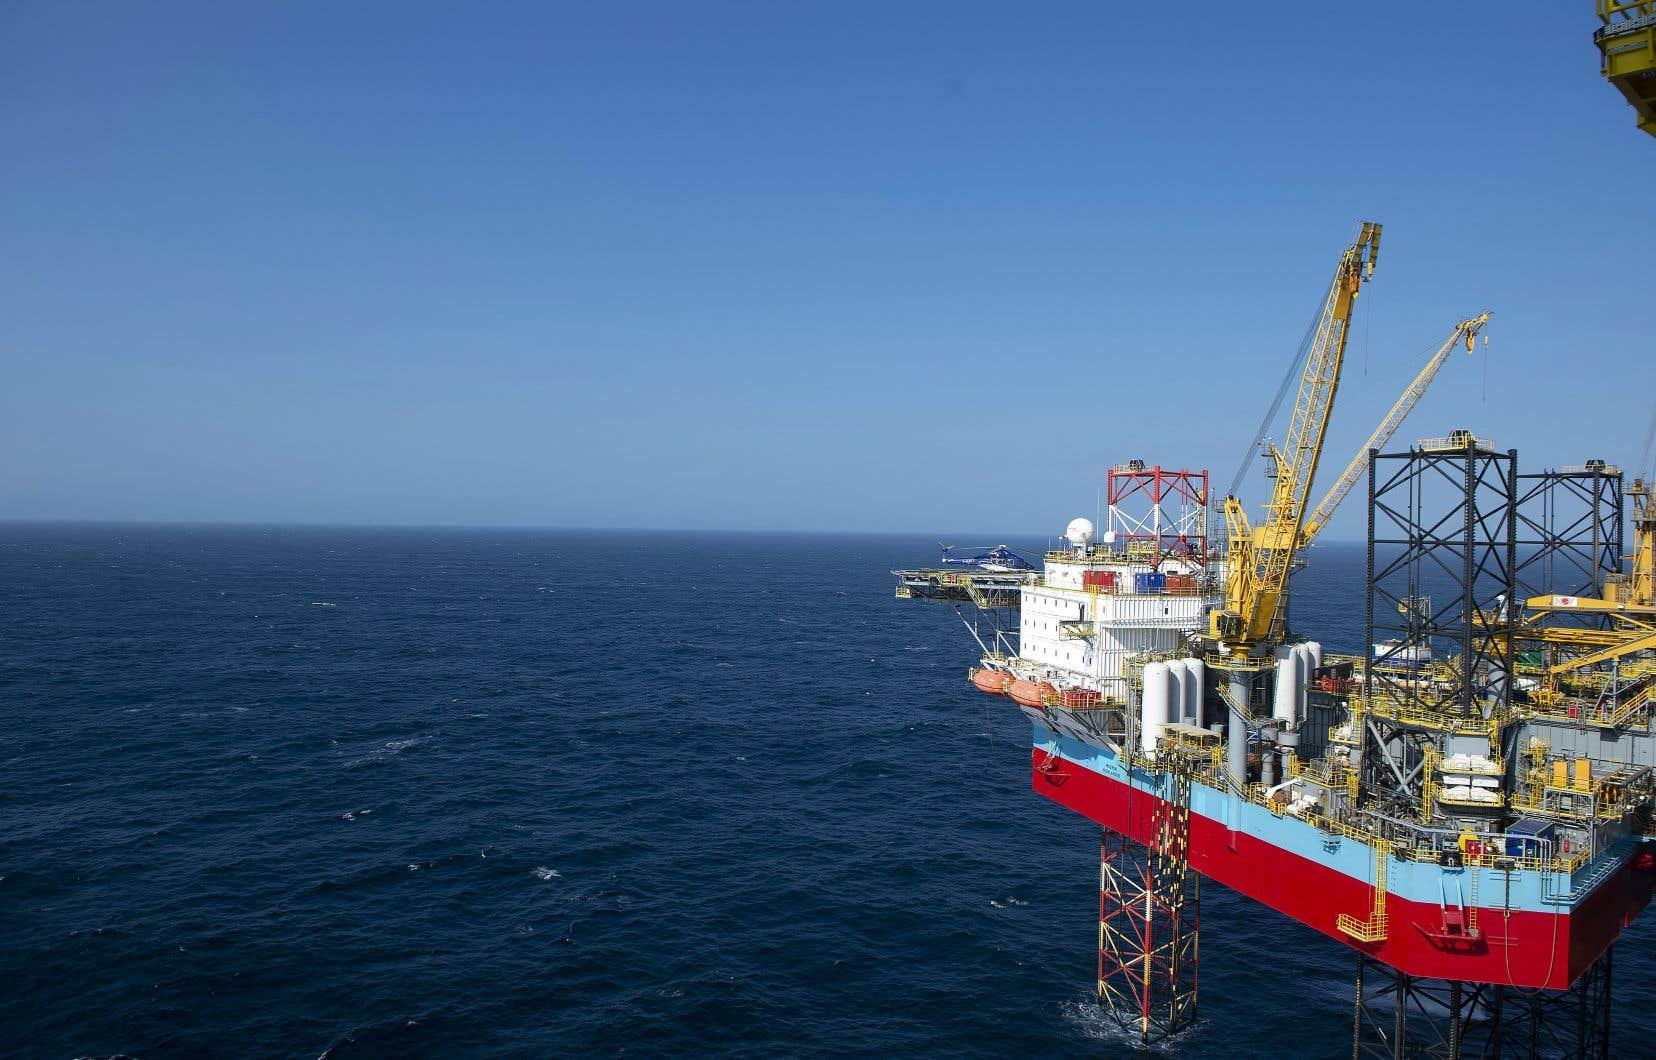 Le gouvernement conservateur avait dévoilé fin mars un accord avec le secteur des hydrocarbures sur la transition énergétique en mer du Nord qui promet de n'autoriser que des projets d'exploration qui seraient compatibles avec l'objectif du pays d'être neutre en carbone d'ici 2050.